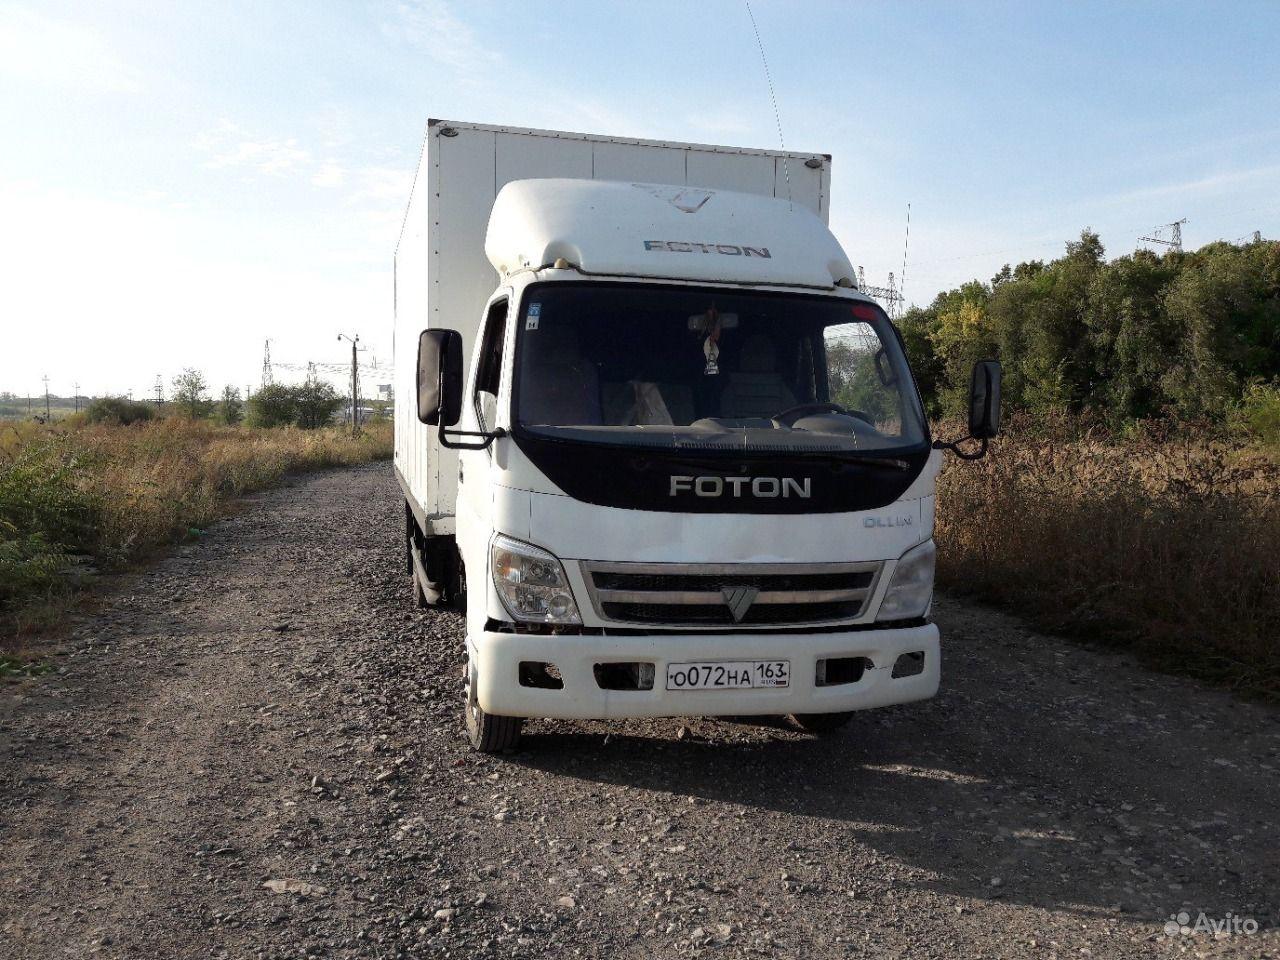 подала грузовики фотон отзывы владельцев едино множества кулинарных